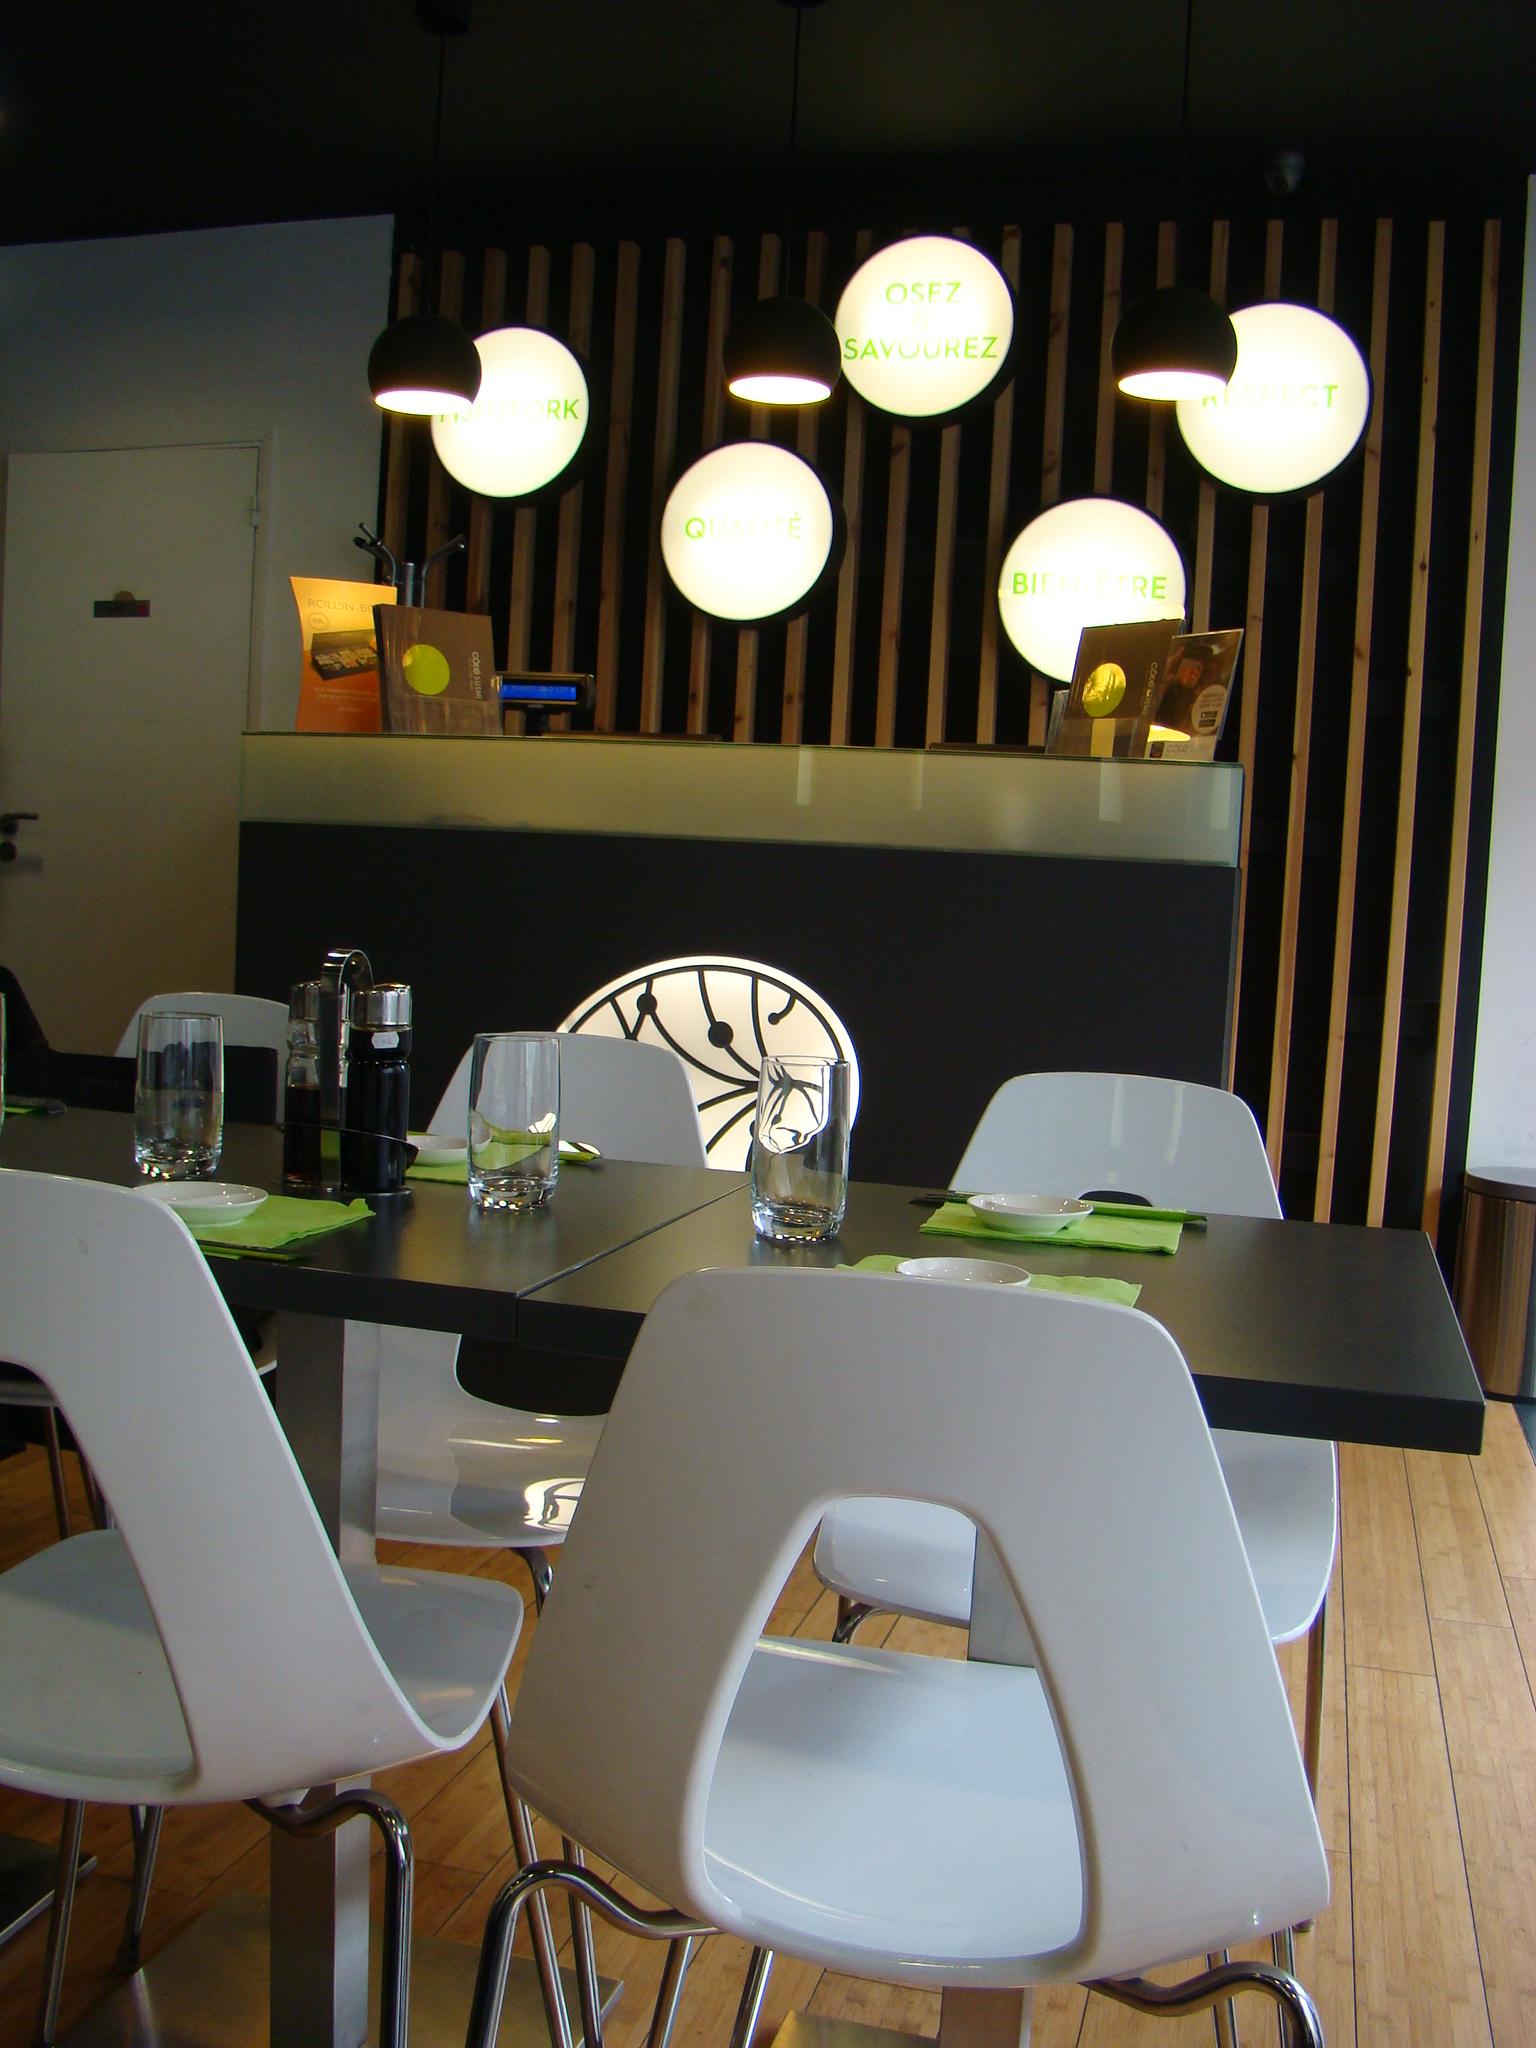 Restaurants japonais paris mademoiselle bon plan - Restaurant japonais porte de versailles ...